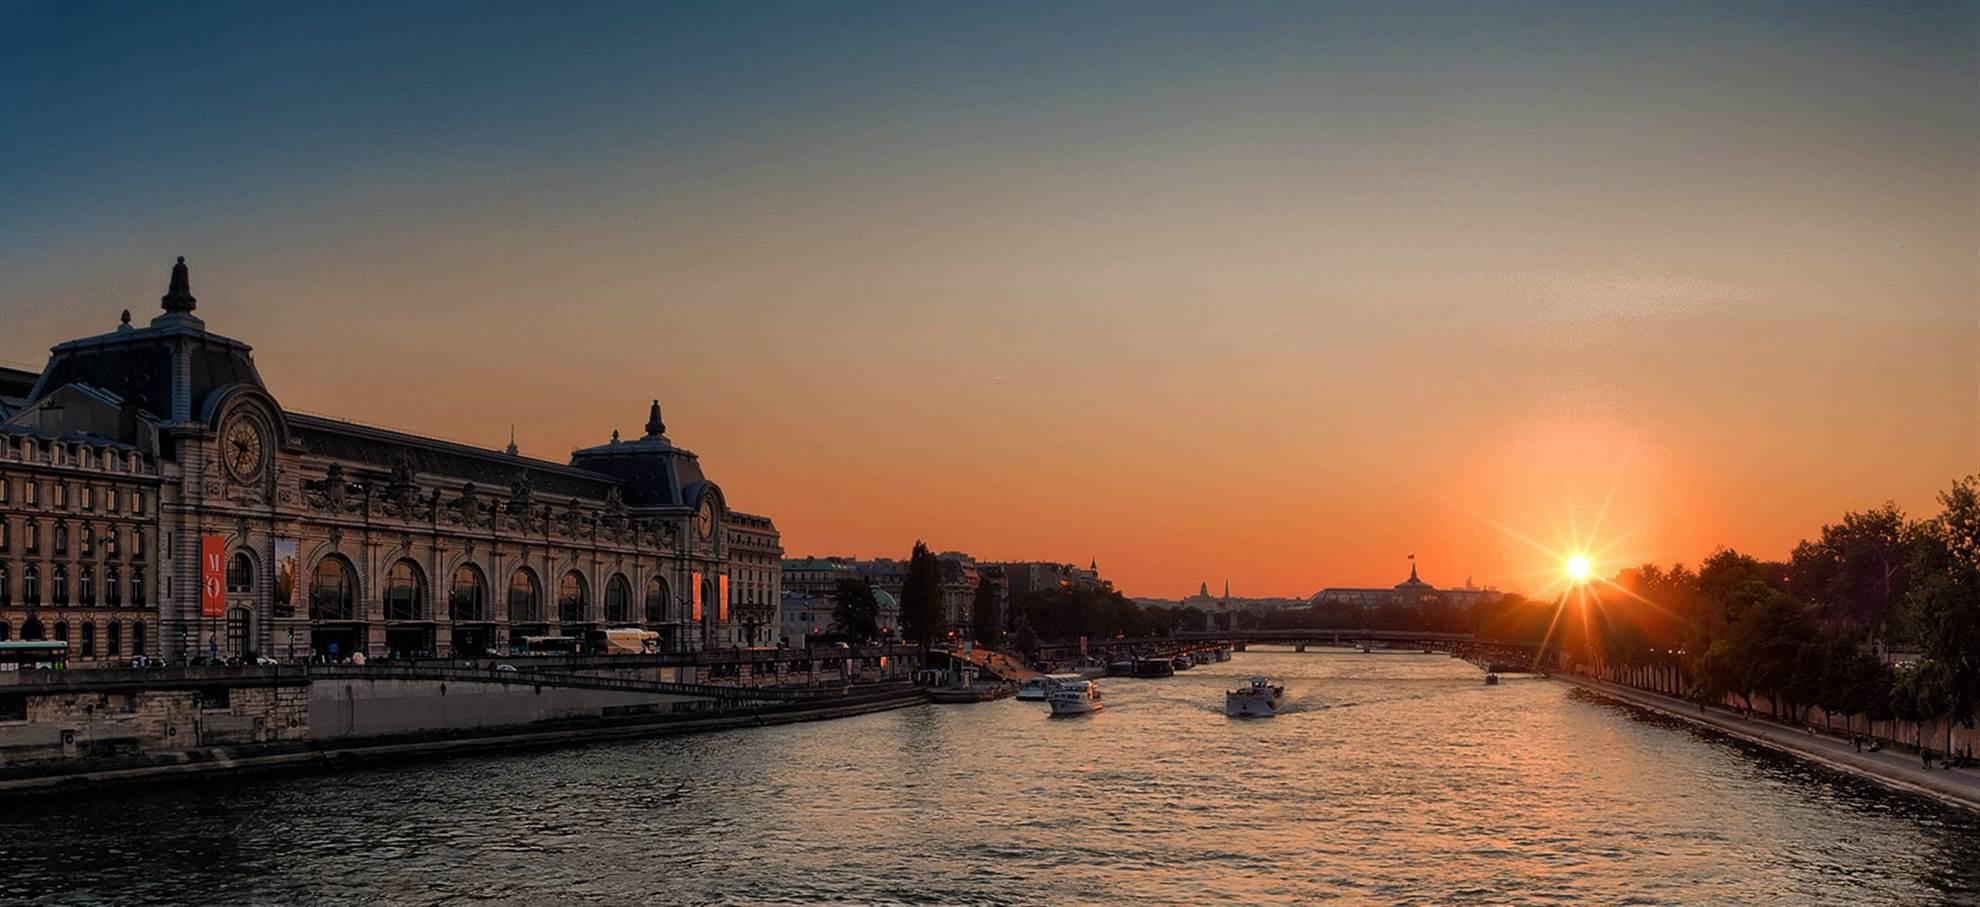 Musée de l'Orsay - Évitez l'attente